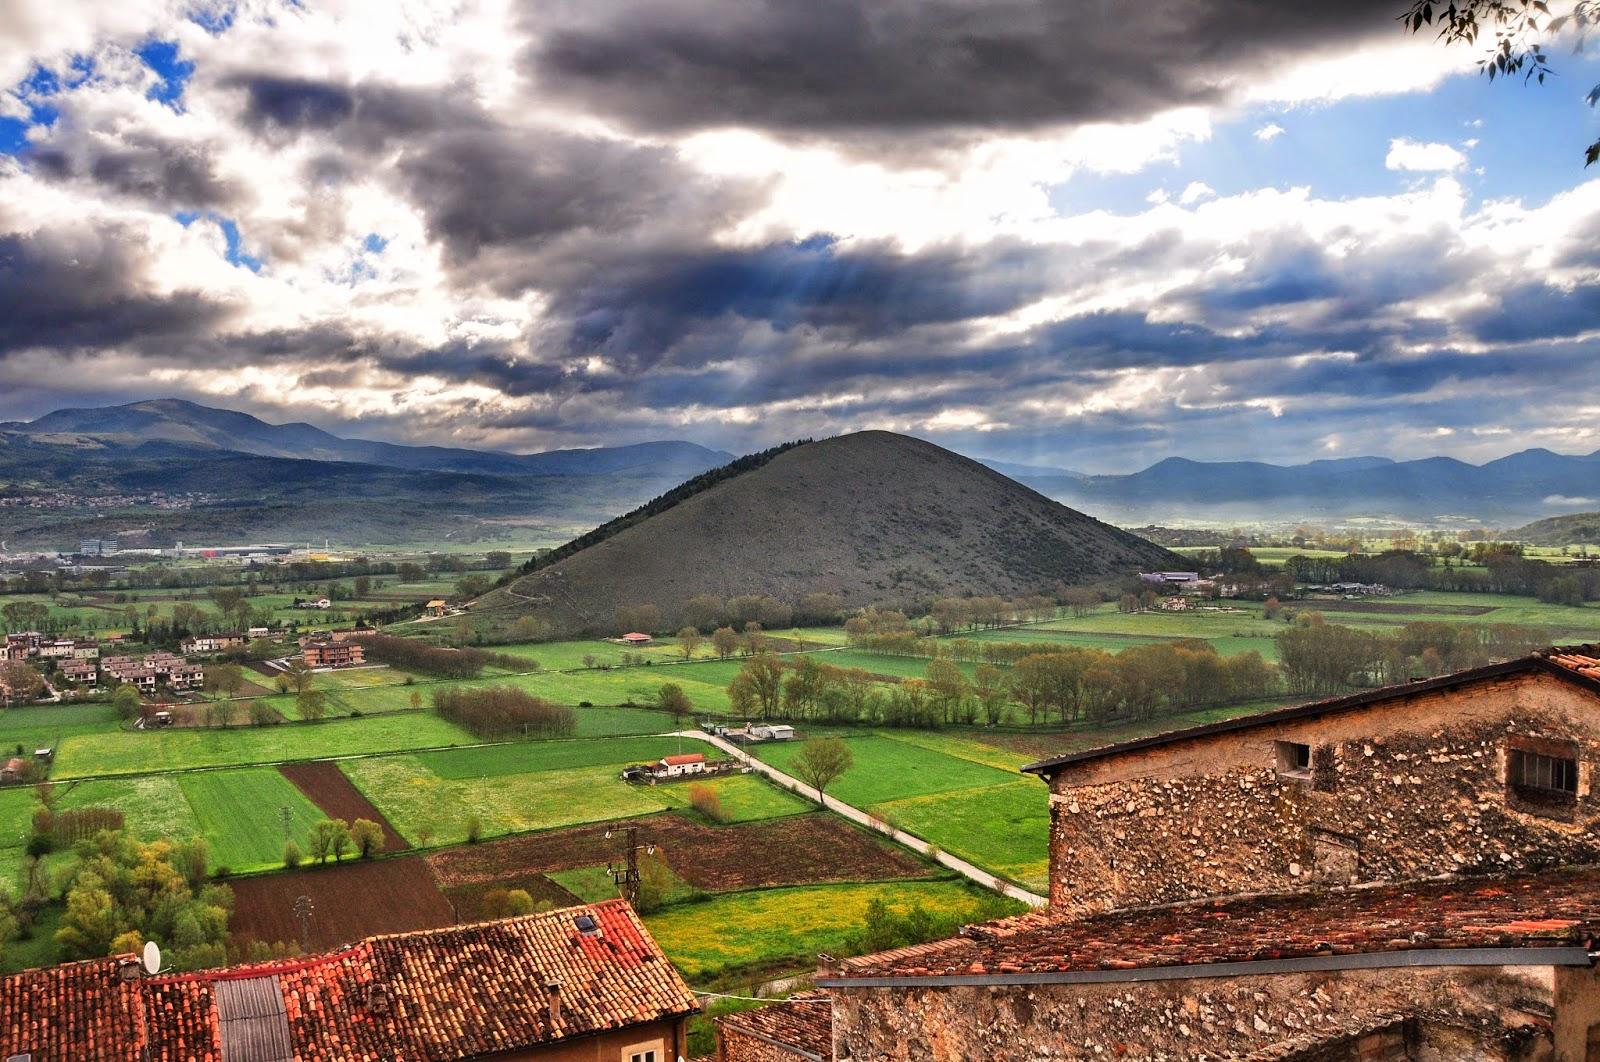 Paesaggio Teramano, rivista redatta da Sergio Scacchia: maggio 2014